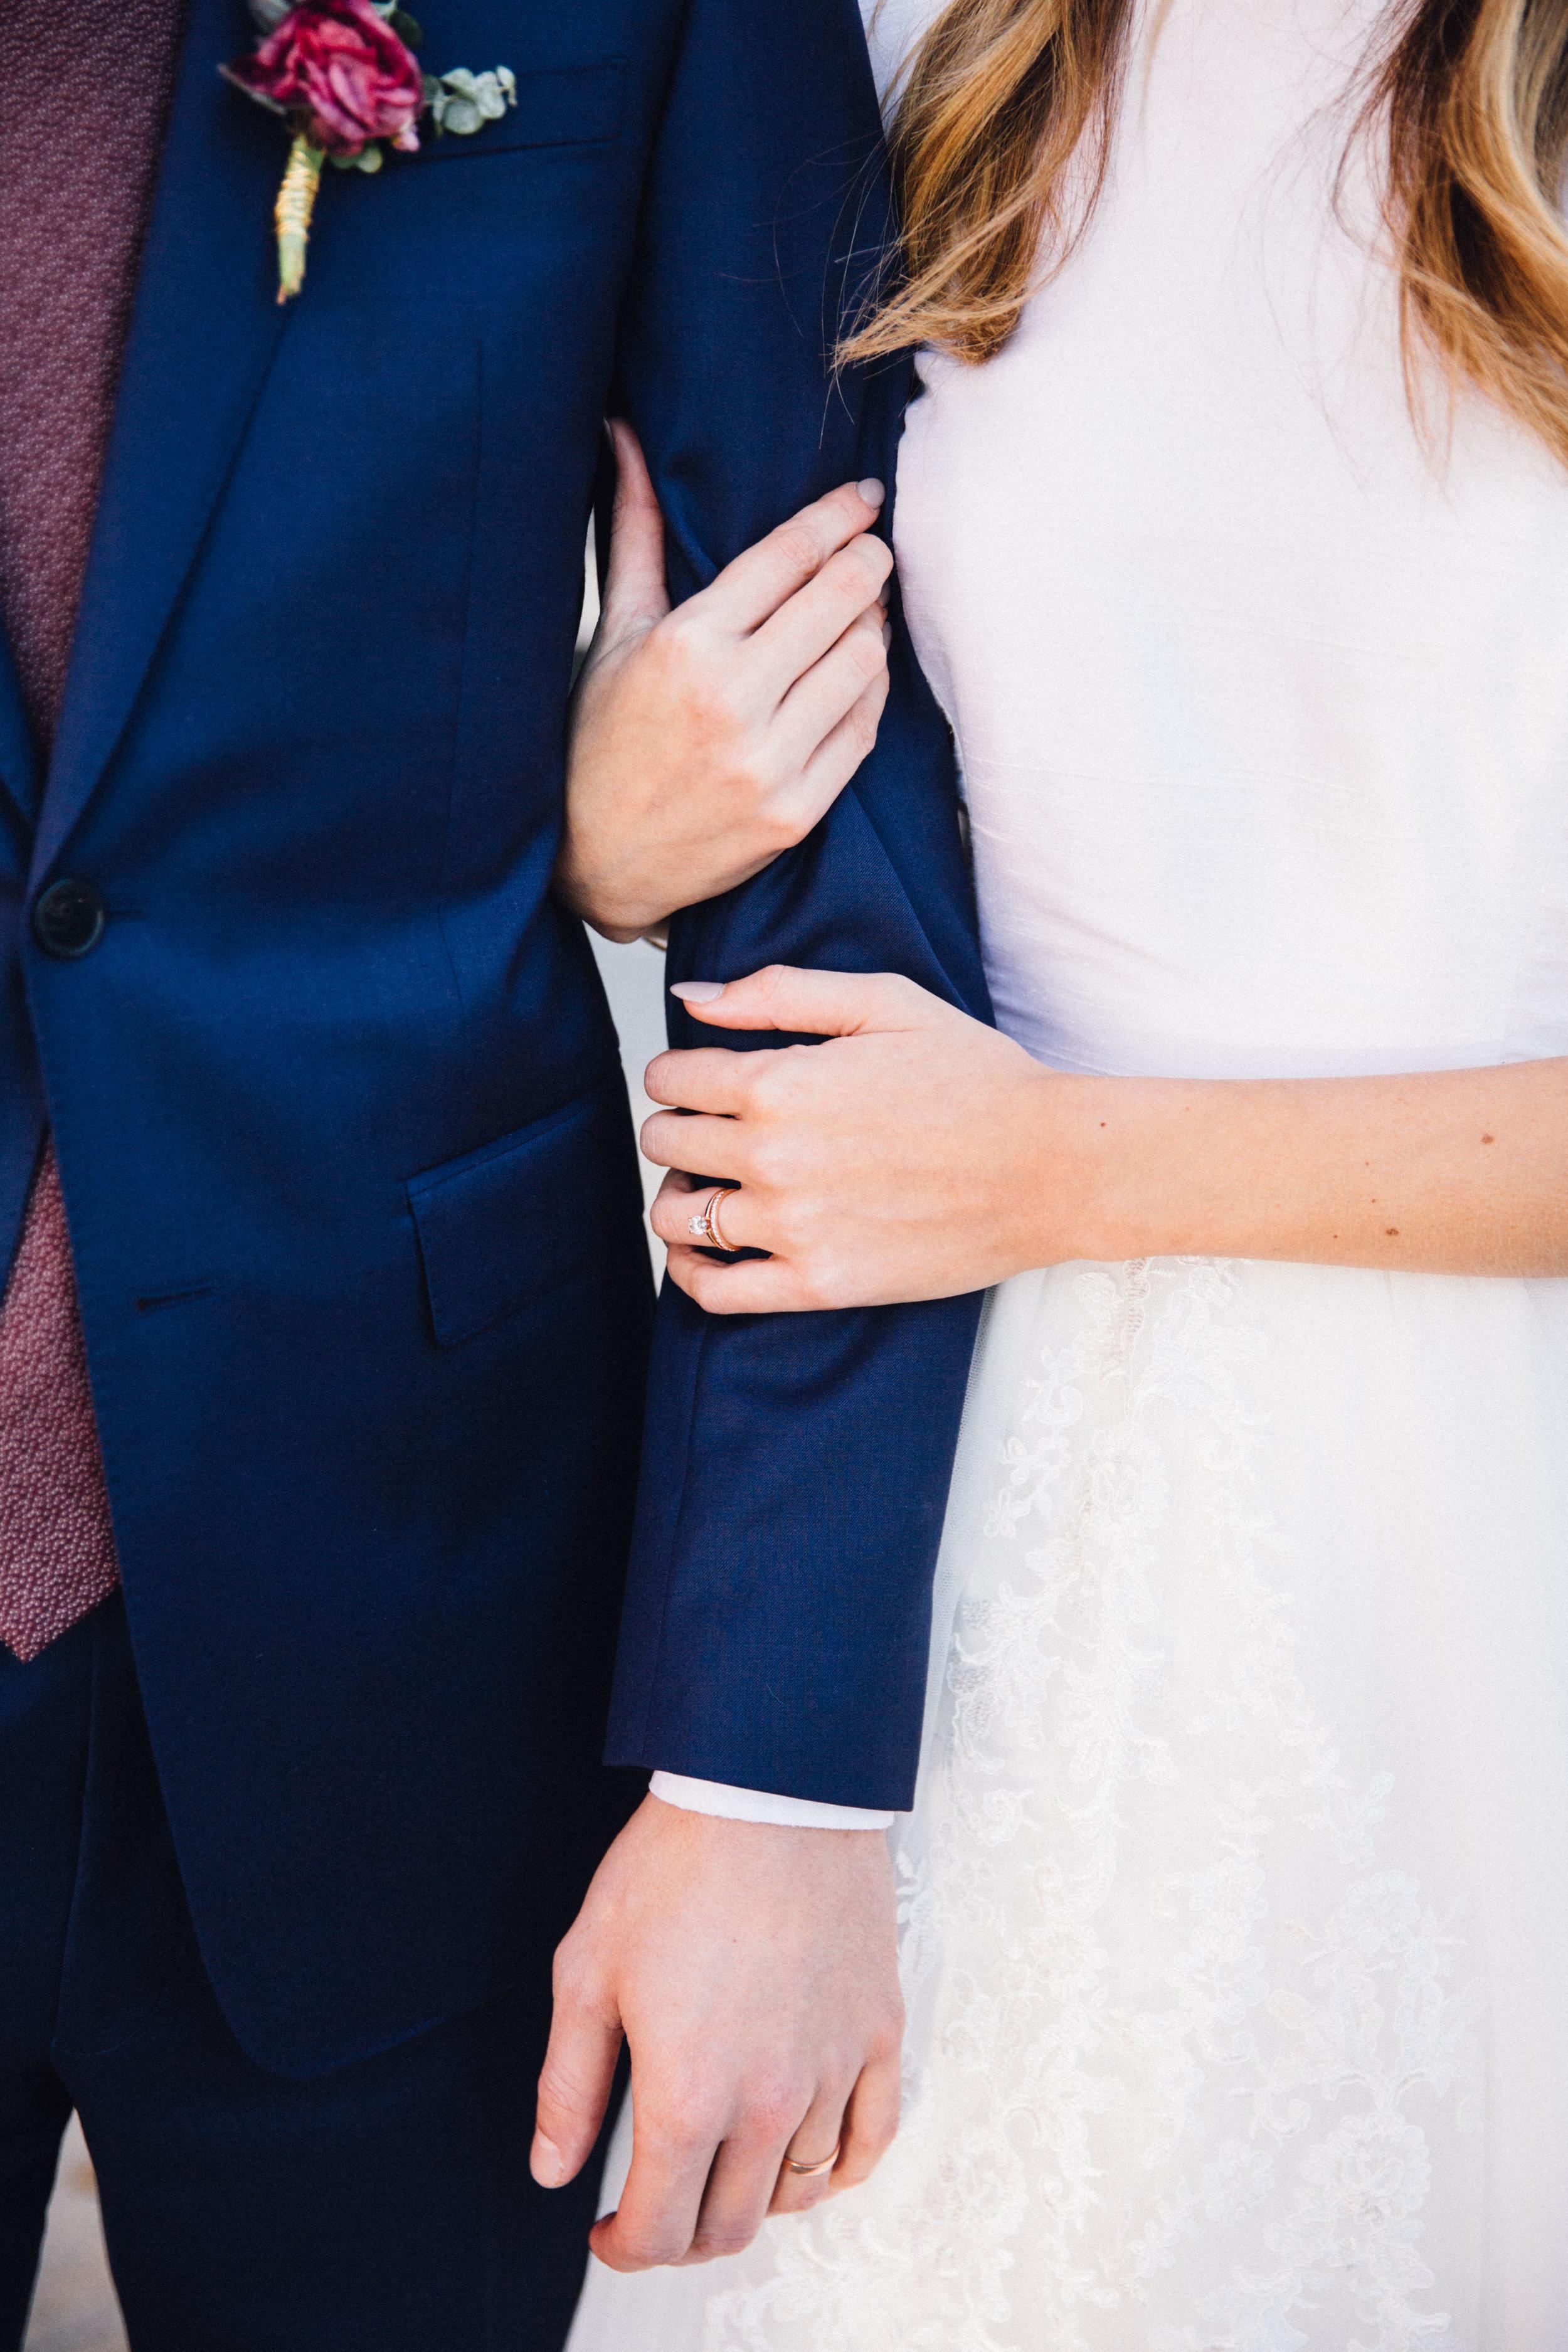 etsy-wedding-rings.jpg